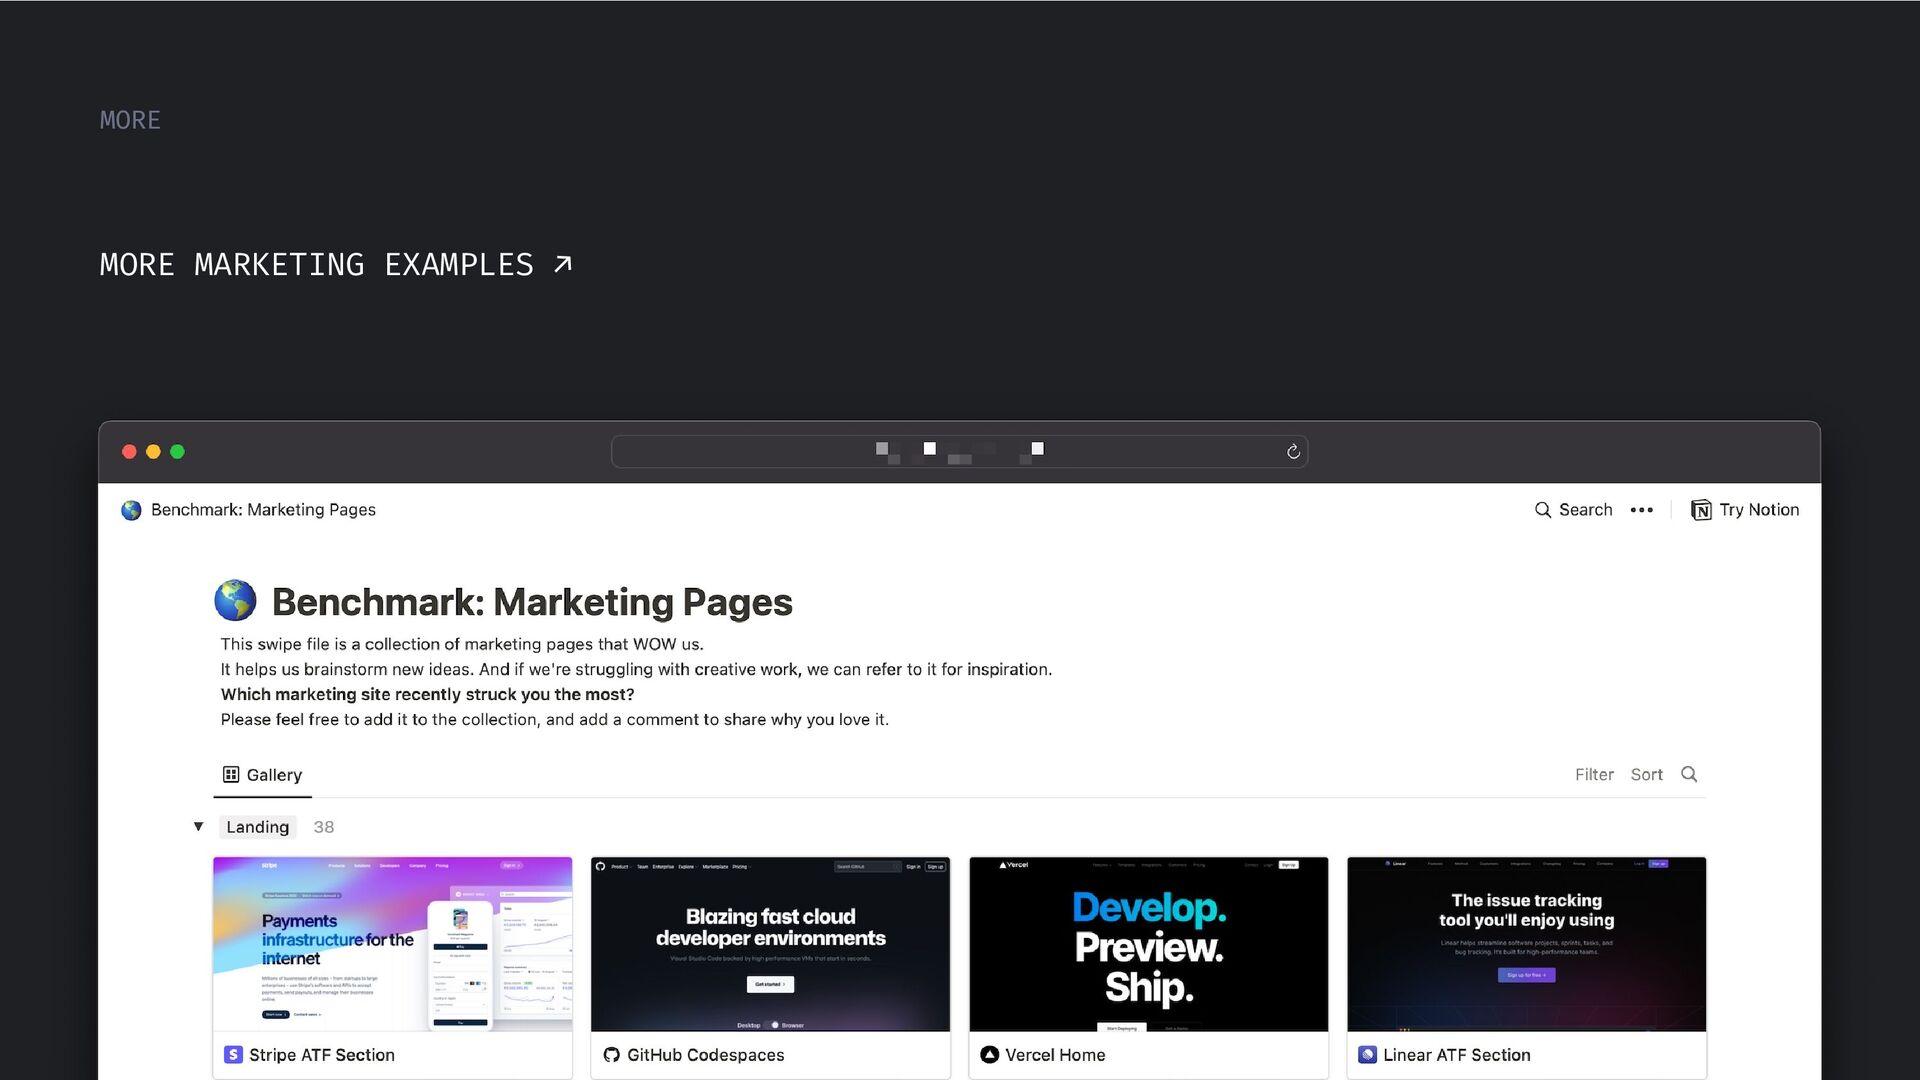 Make the value concrete. @fmerian Stripe